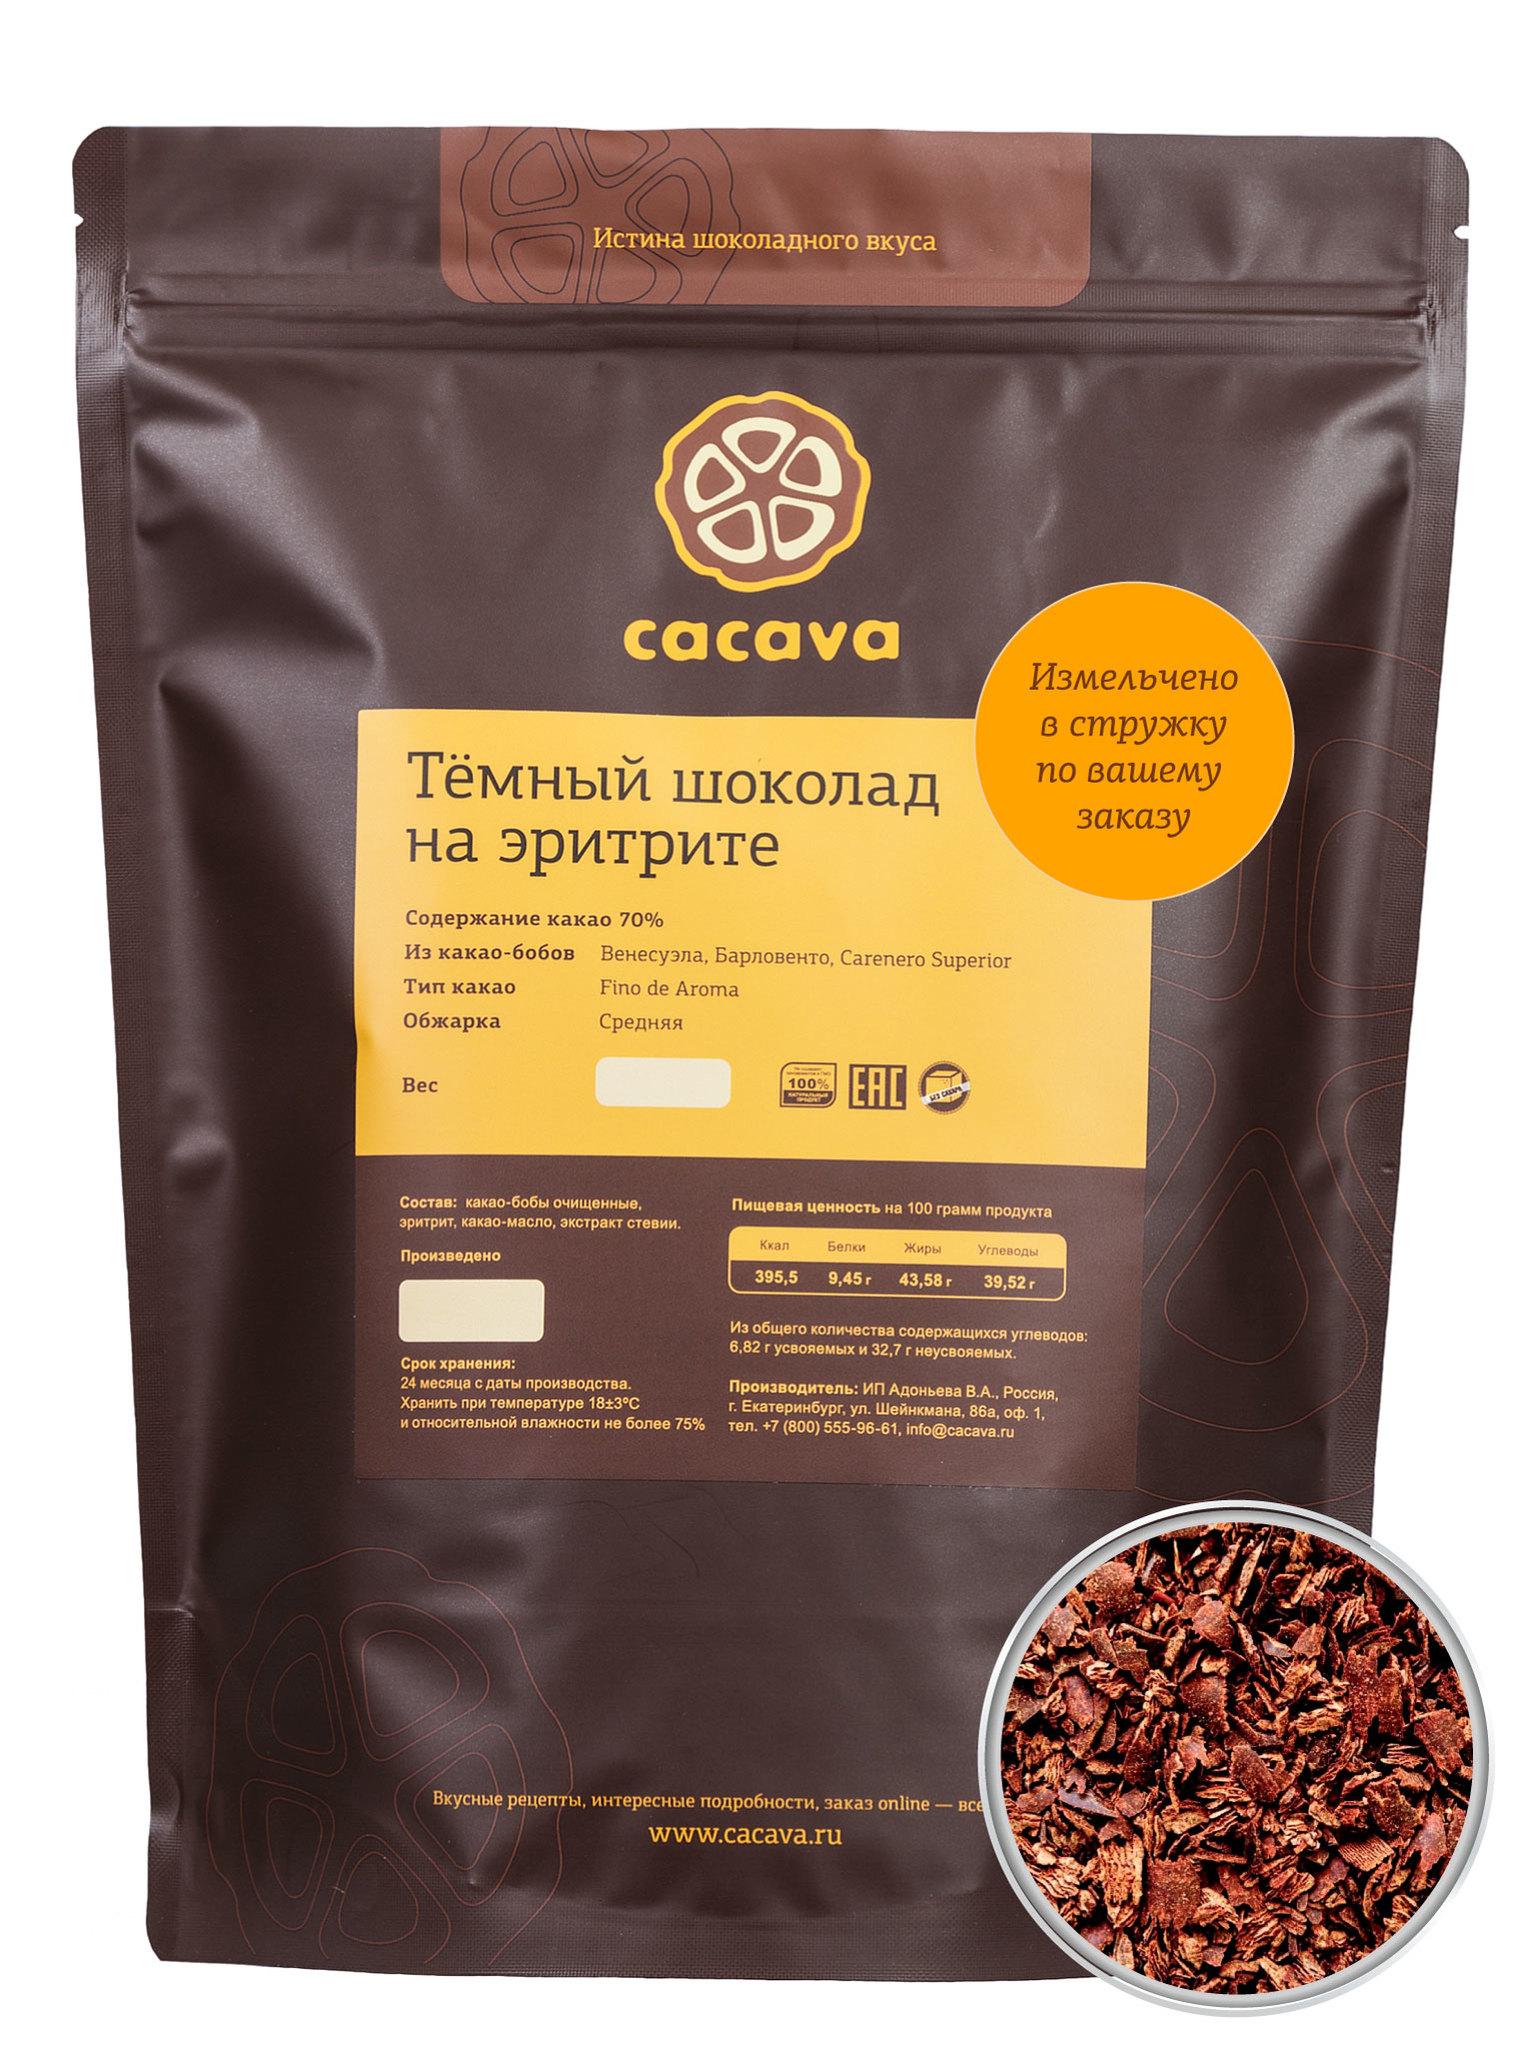 Тёмный шоколад 70 % какао в стружке, на эритрите, упаковка 1 кг